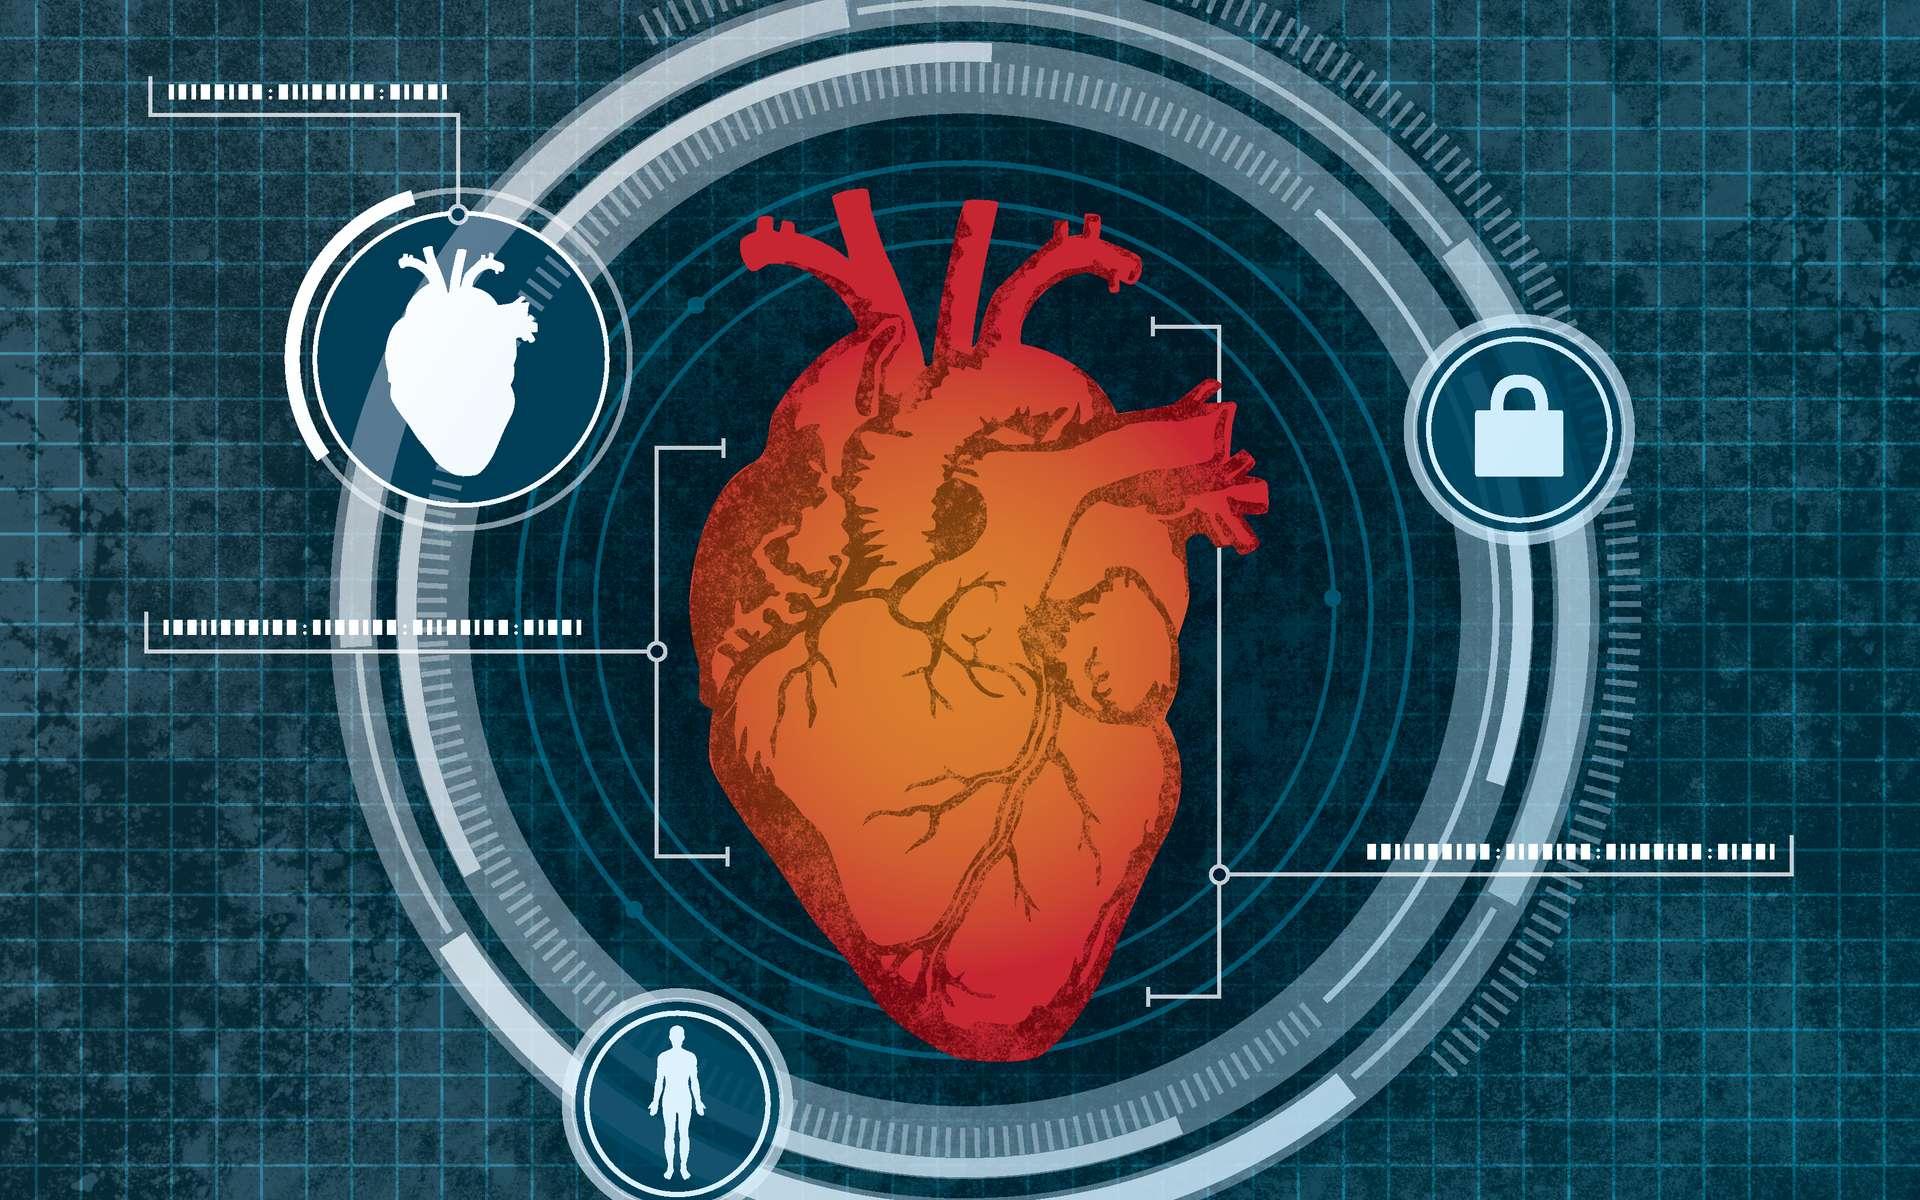 Le cœur a déjà fait l'objet de travaux sur la biométrie, plus précisément sur la fréquence cardiaque propre à chaque individu. Cardiac Scan se focalise sur la géométrie de cet organe vital. © University at Buffalo